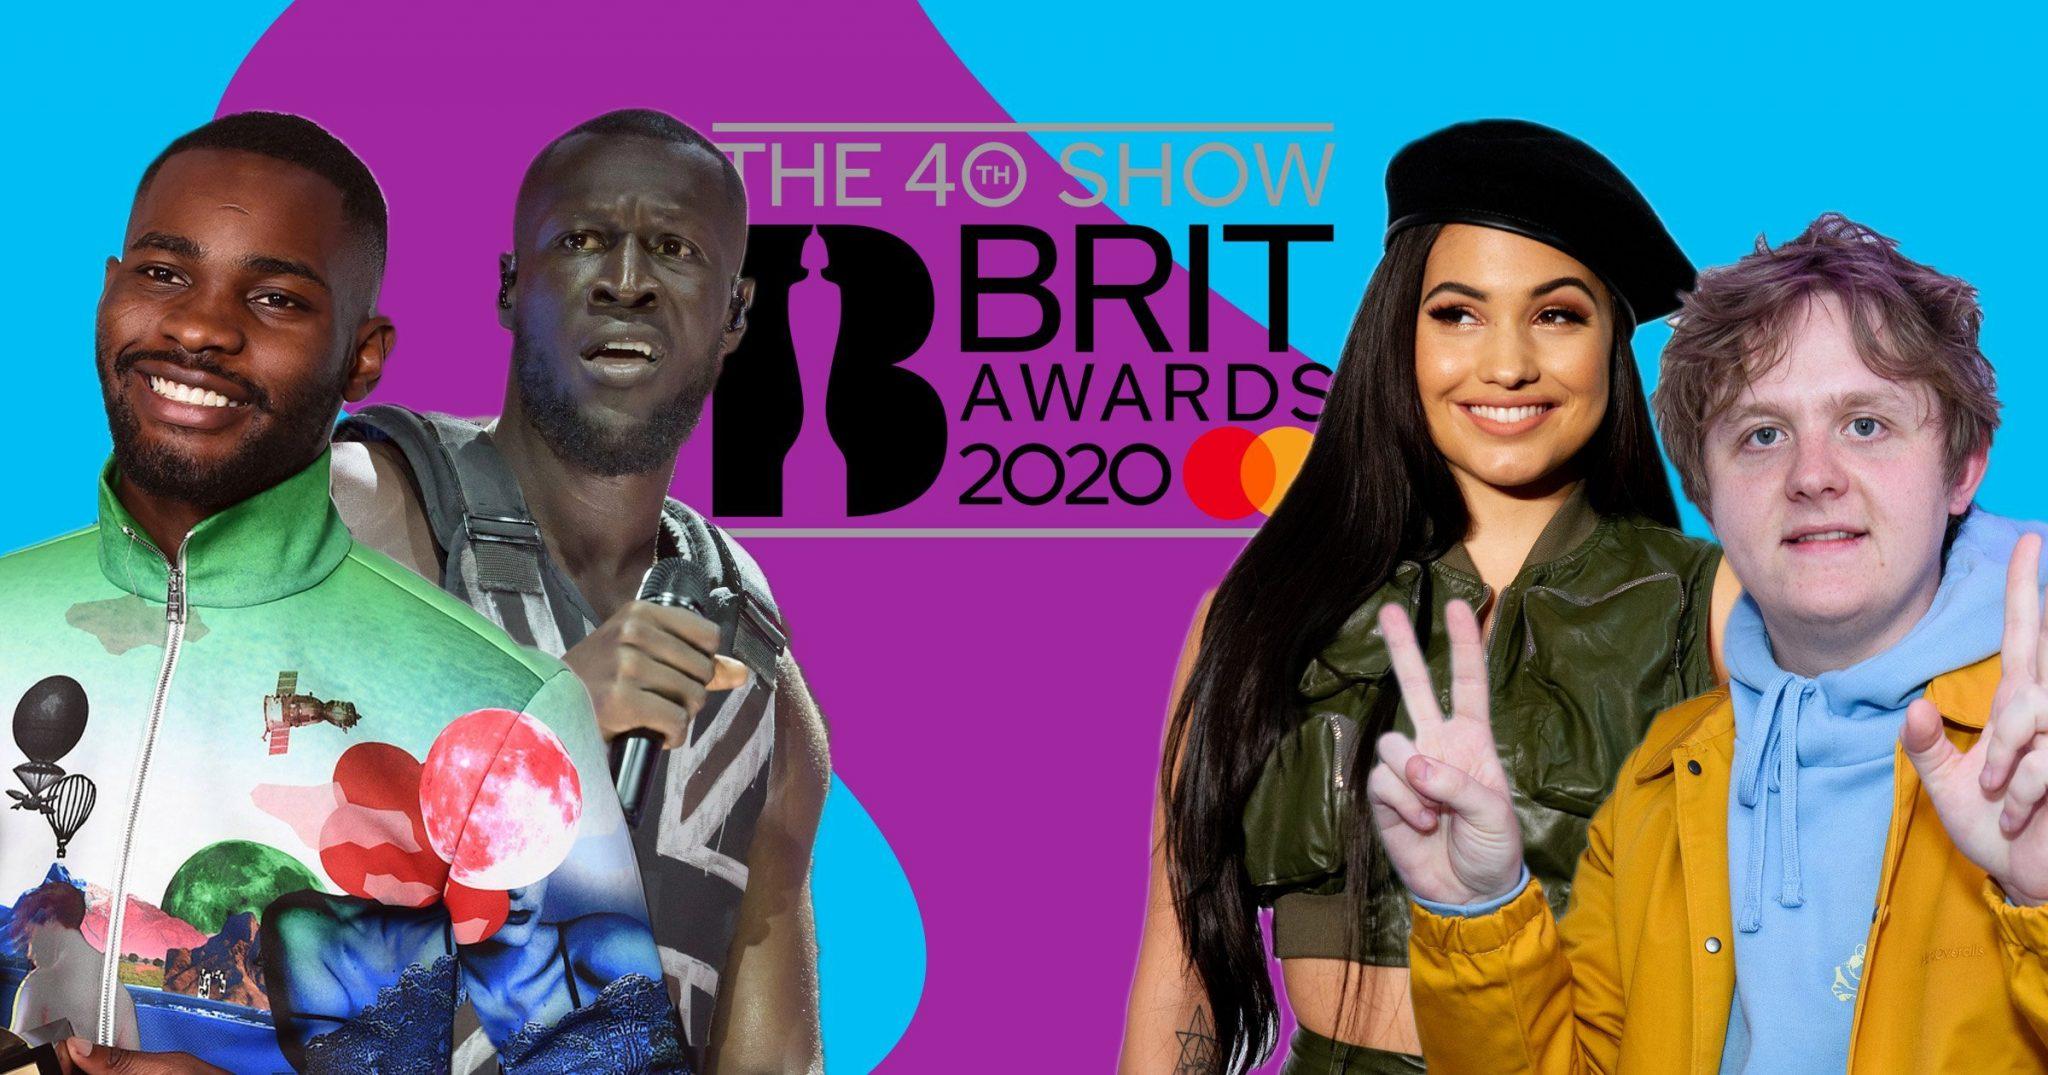 υποψηφιότητες των BRIT Awards 2020